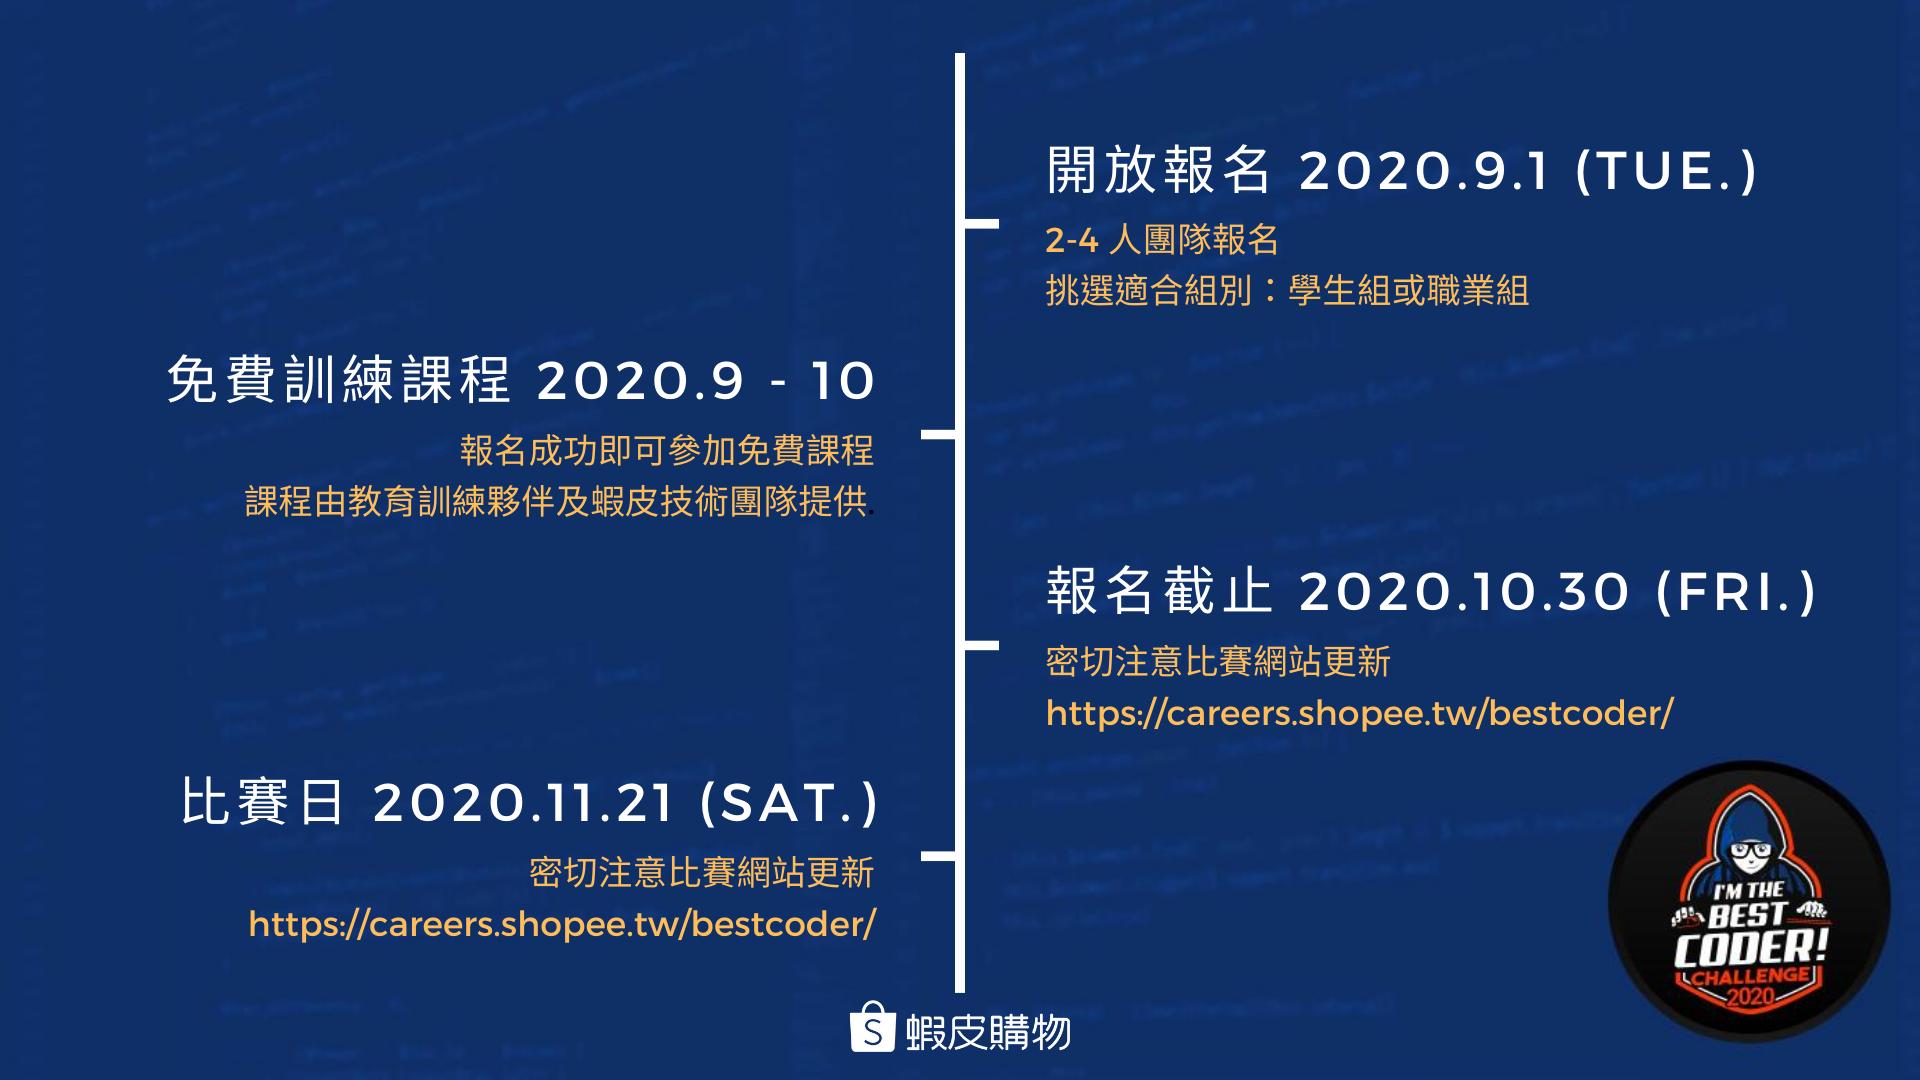 I'm the Best Coder! Challenge 2020 Timeline